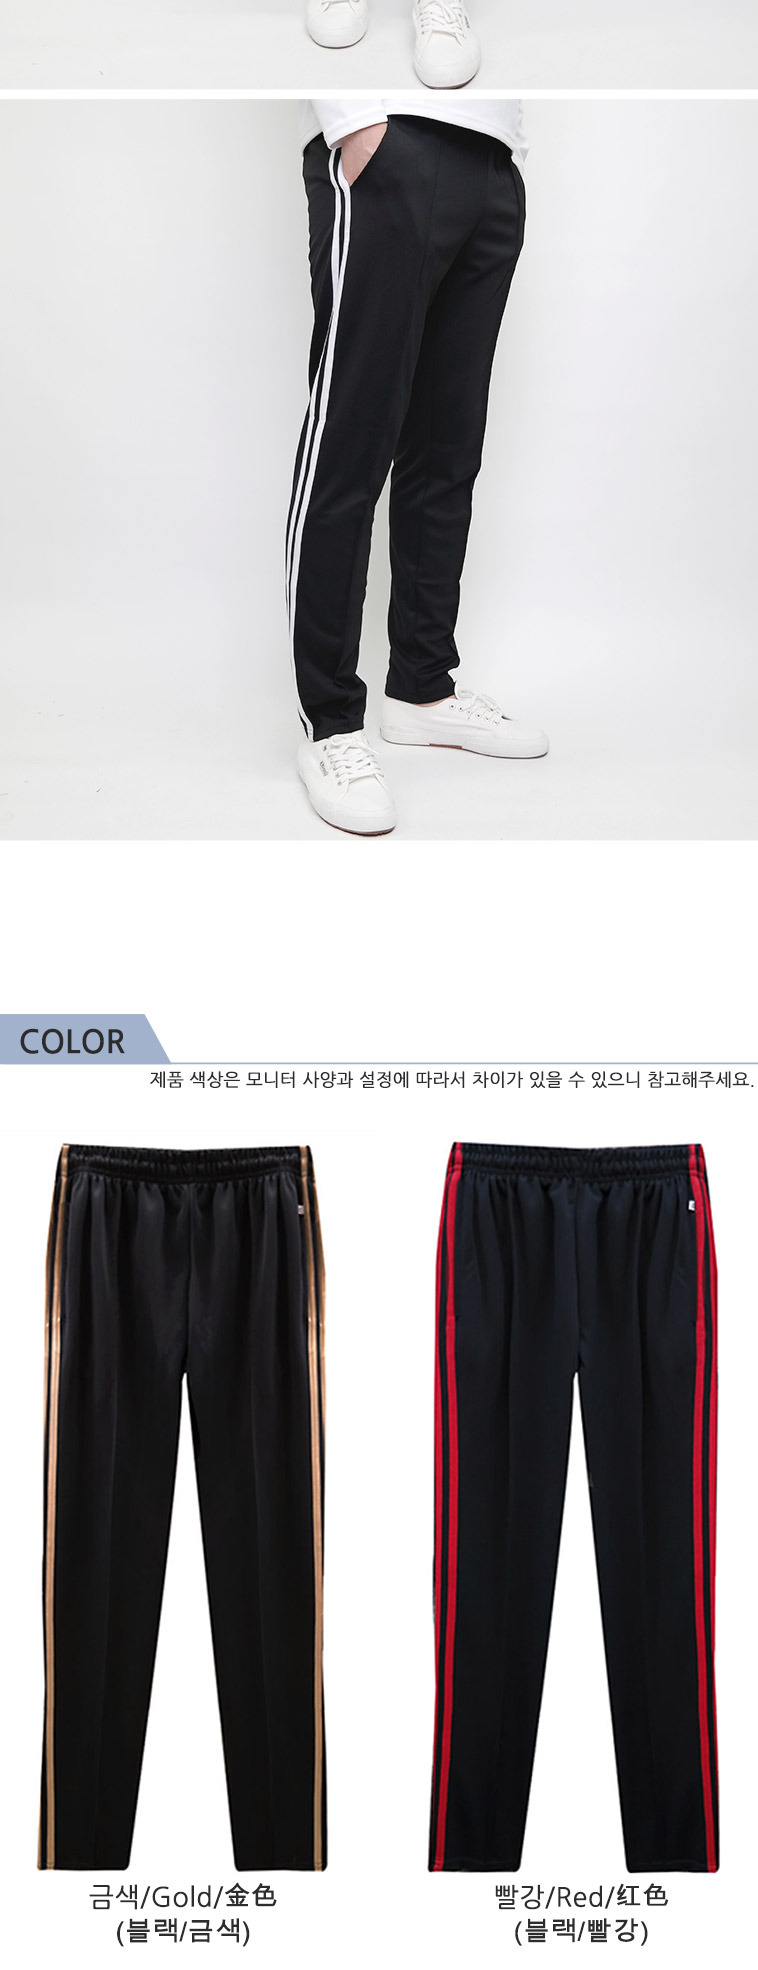 [무료배송] M~4XL 봄 트레이닝바지 - 상세정보